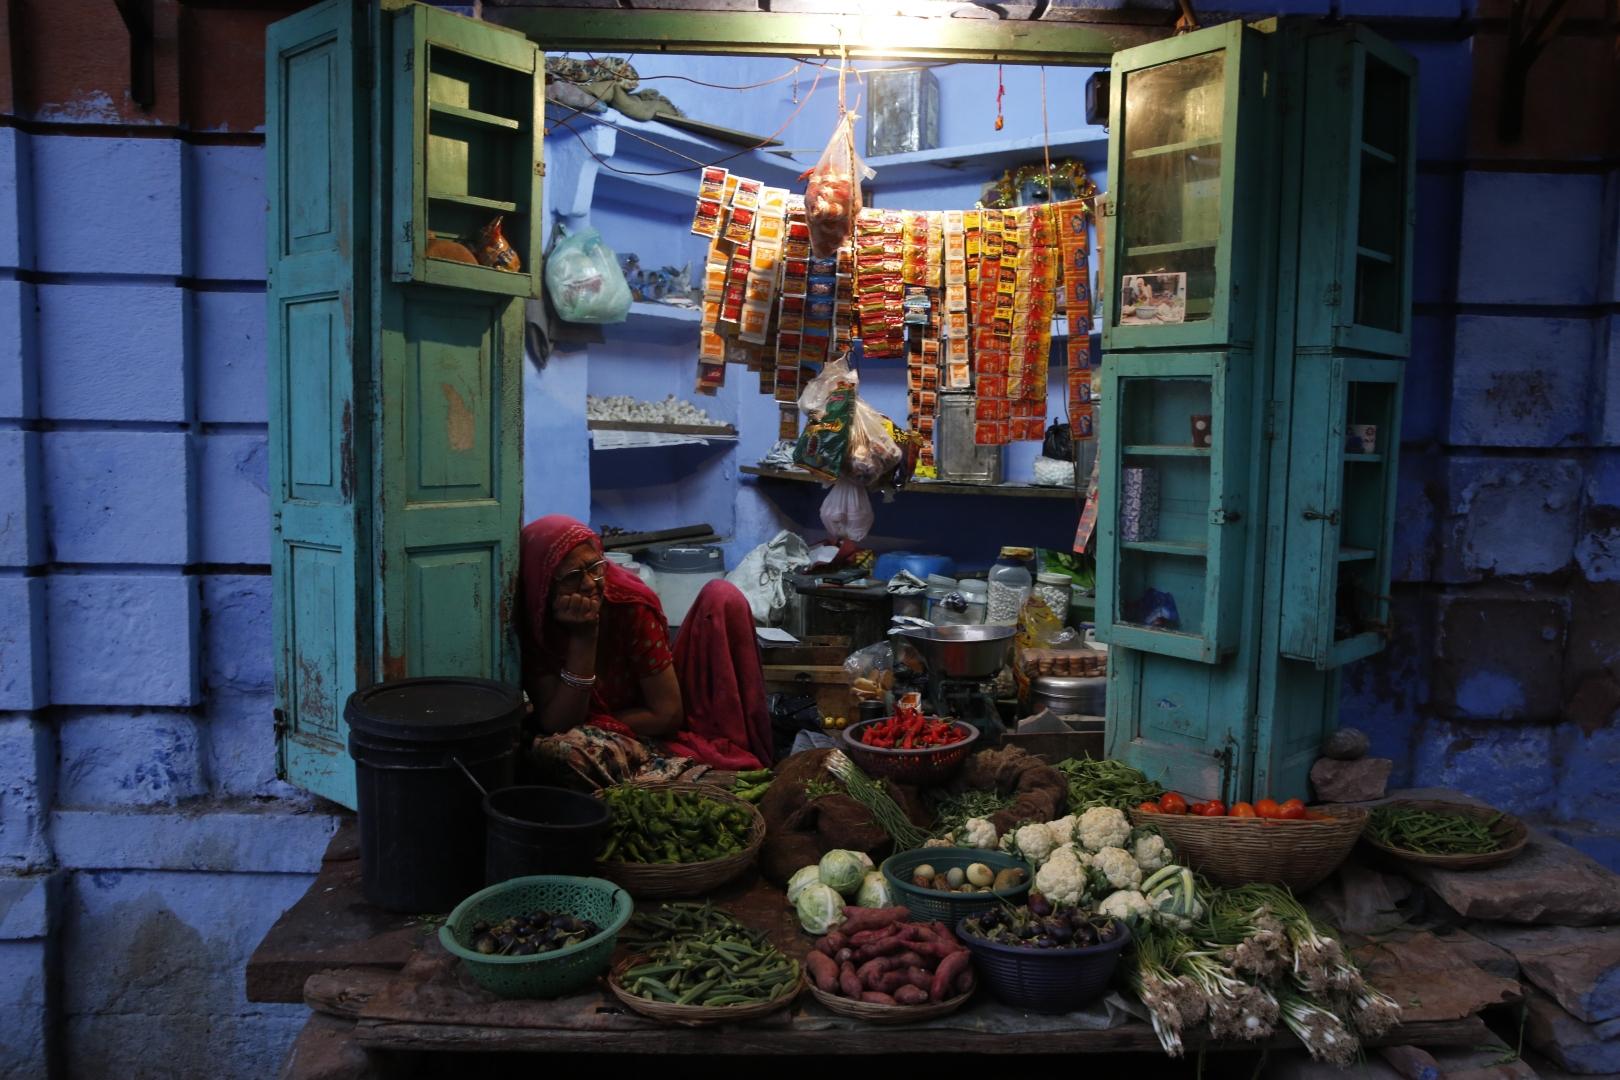 Лавочка с овощами и жевательным табаком ждет своих клиентов